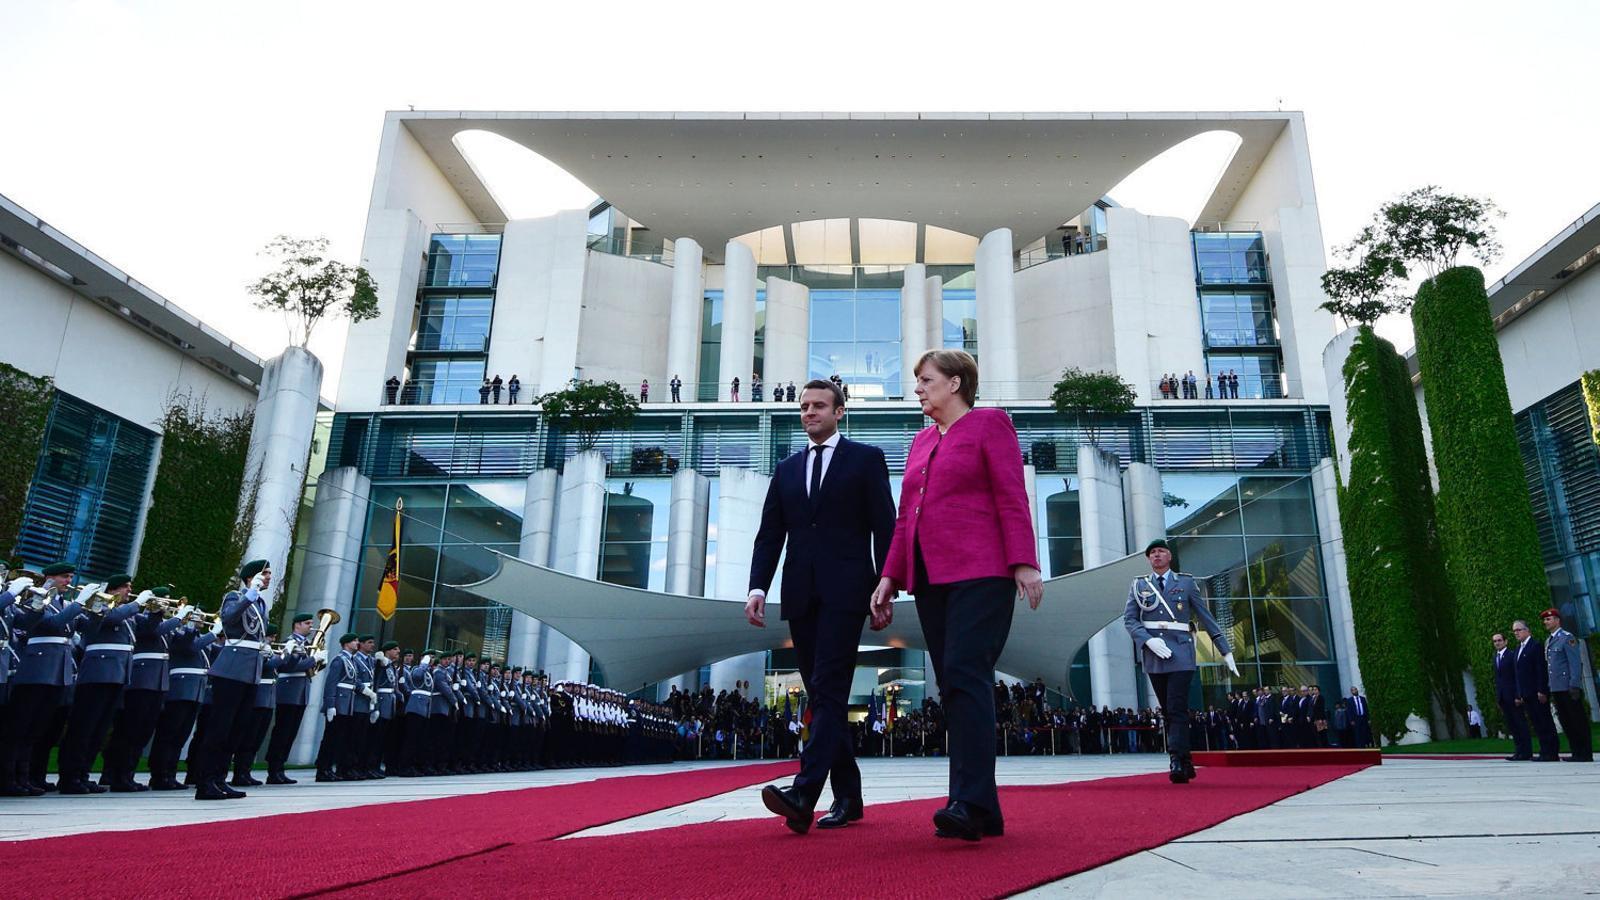 Merkel i Macron expressen el seu suport a Rajoy davant la crisi política amb Catalunya